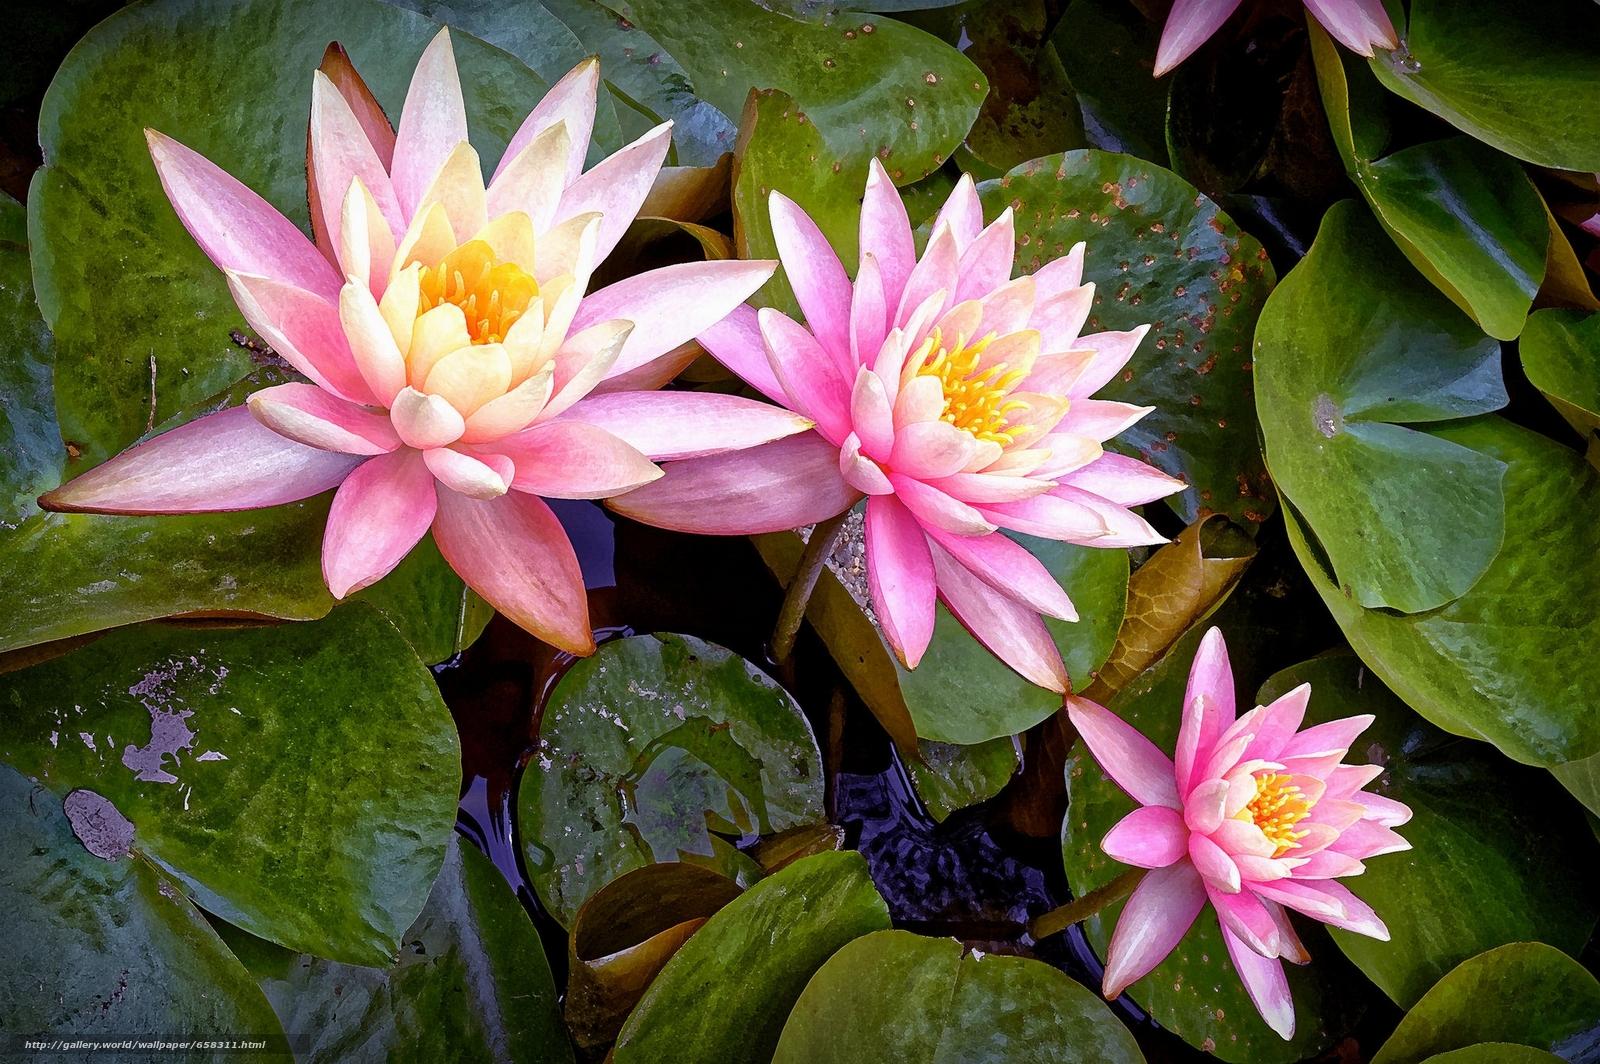 Скачать обои водяная лилия,  водяные лилии,  цветы,  флора бесплатно для рабочего стола в разрешении 2048x1362 — картинка №658311